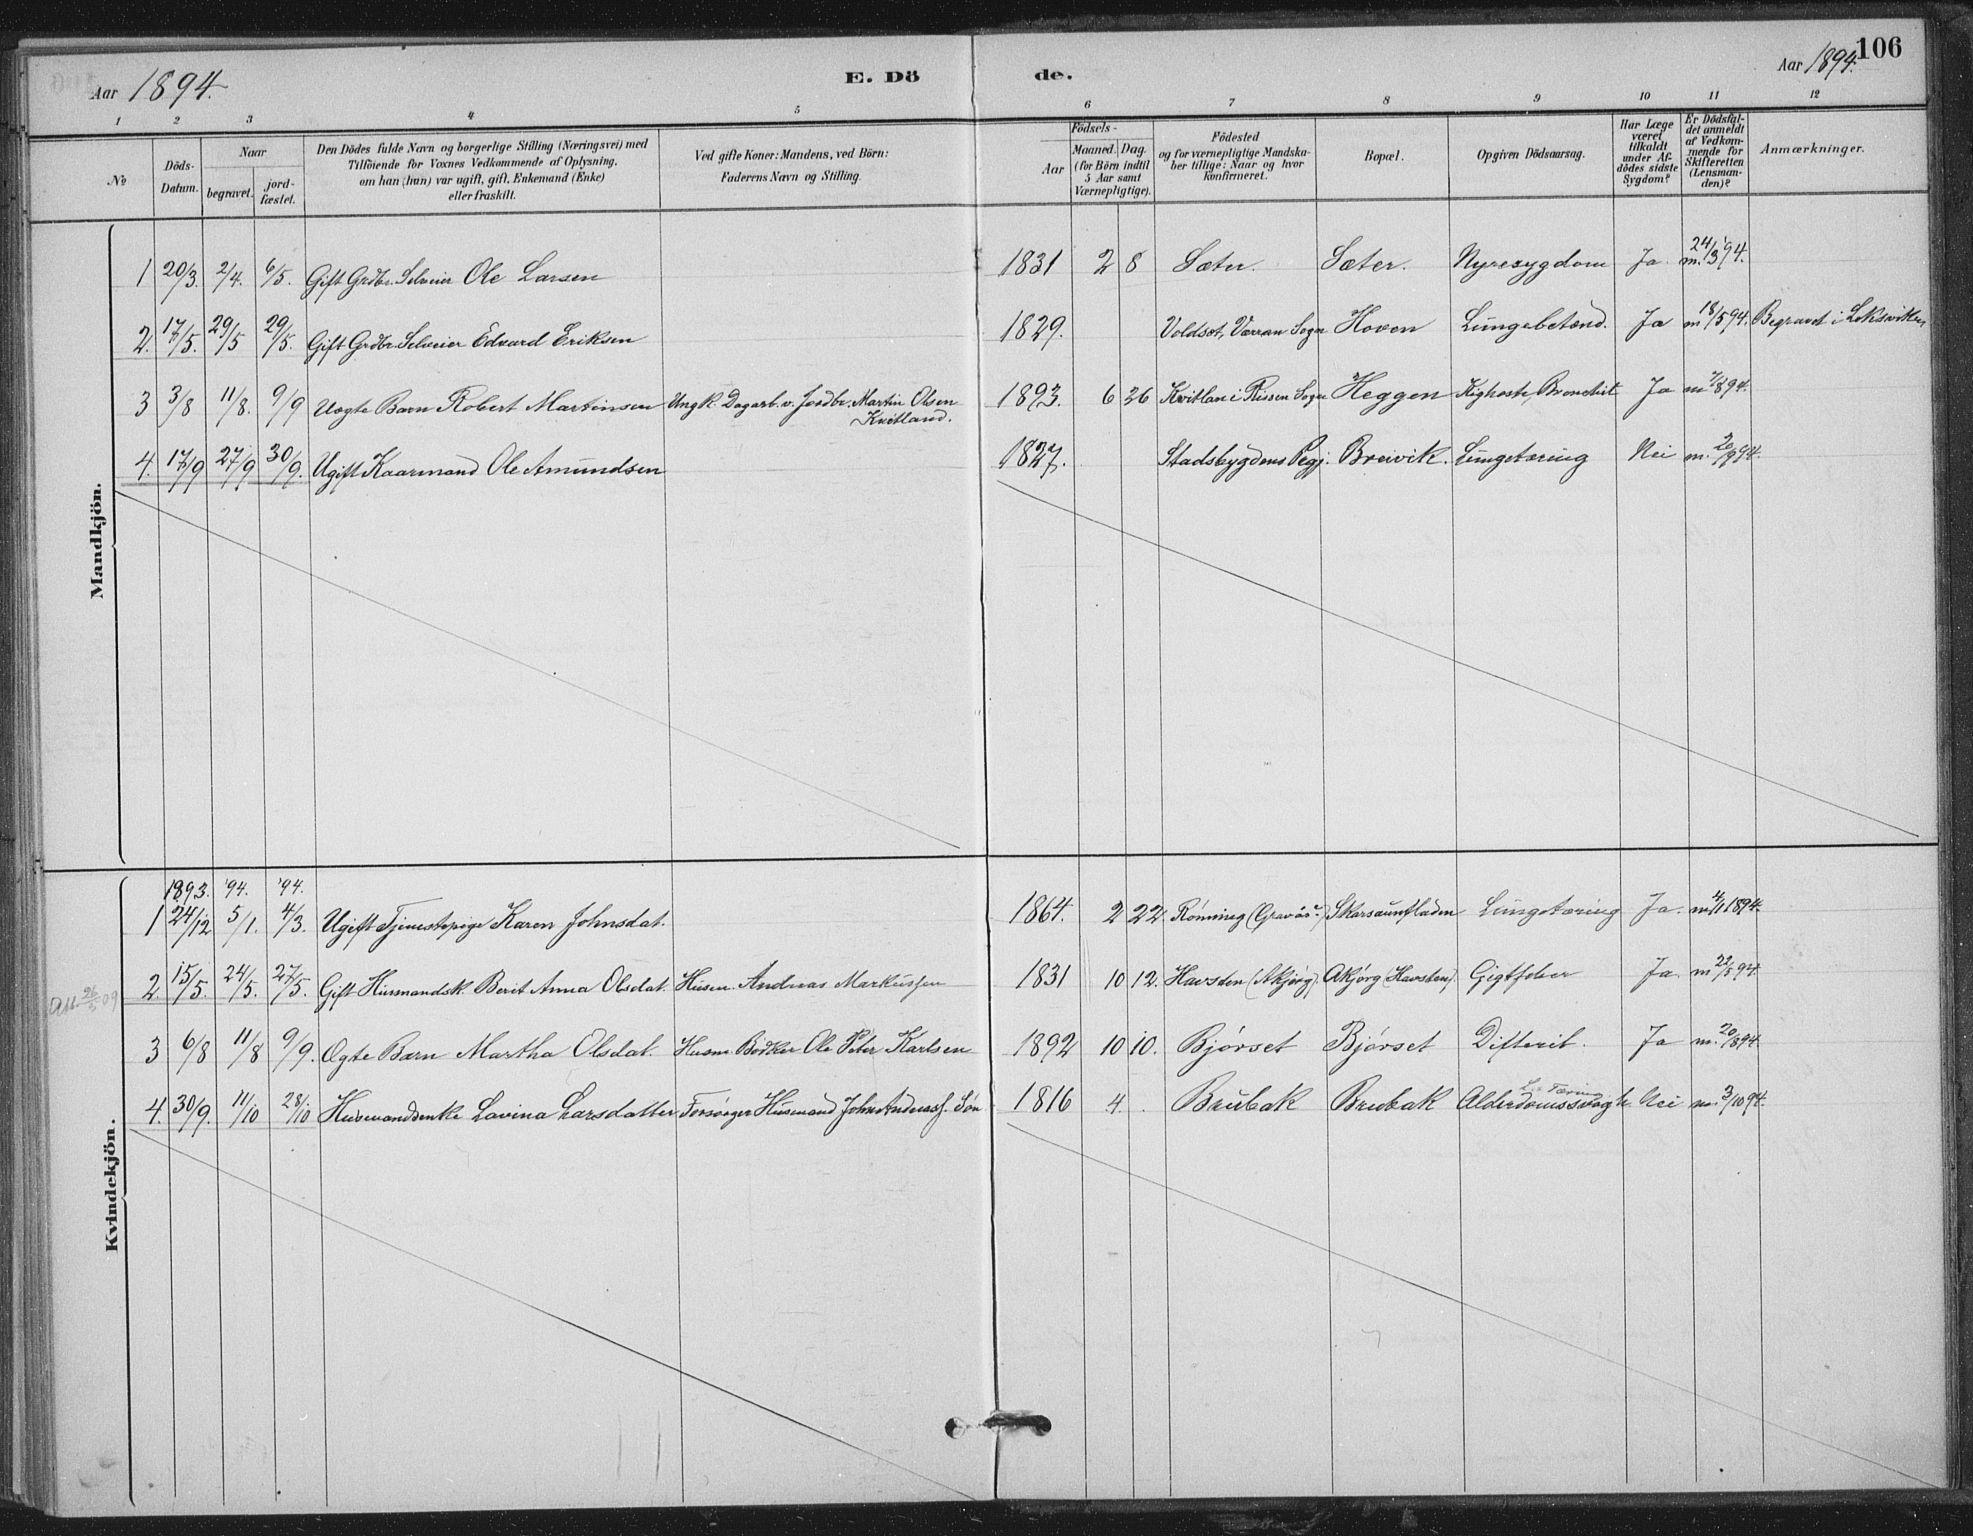 SAT, Ministerialprotokoller, klokkerbøker og fødselsregistre - Nord-Trøndelag, 702/L0023: Ministerialbok nr. 702A01, 1883-1897, s. 106